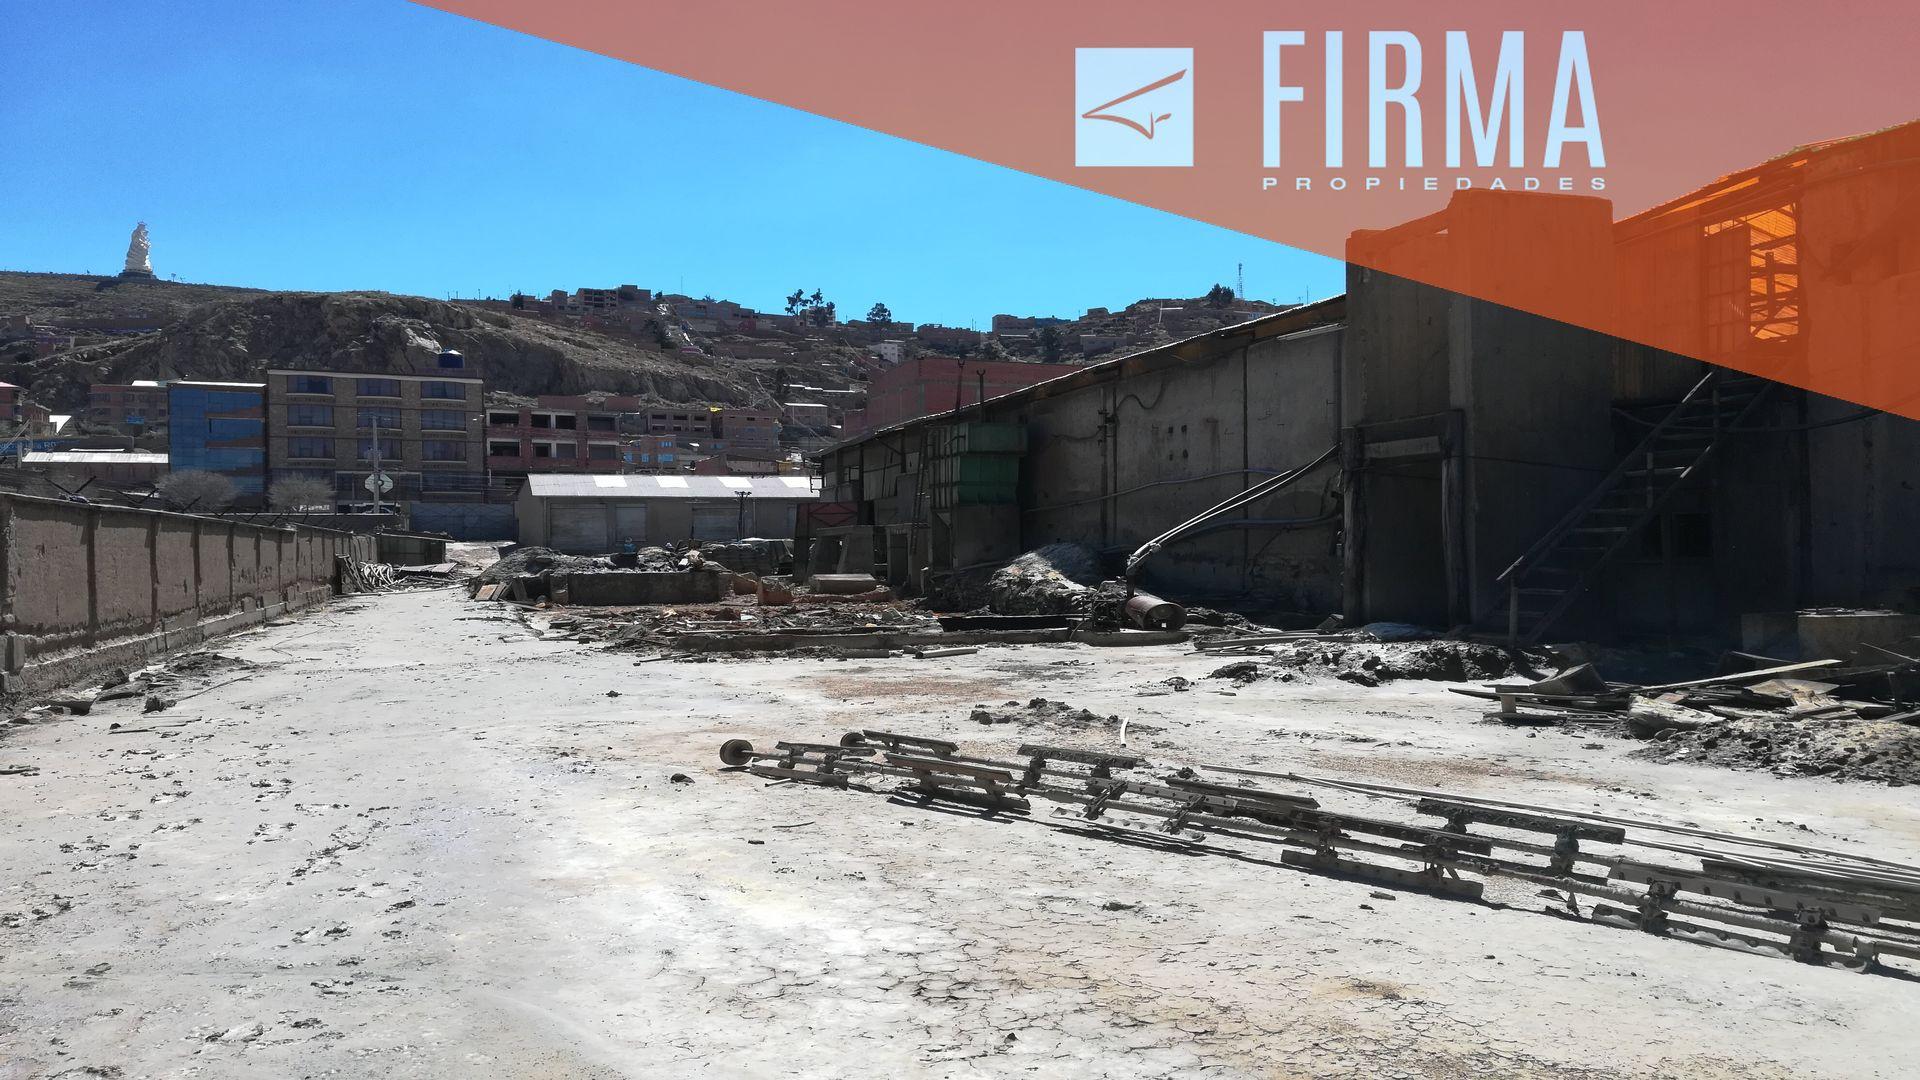 Terreno en Venta FTV18530 – COMPRA ESTE TERRENO EN ORURO Foto 6